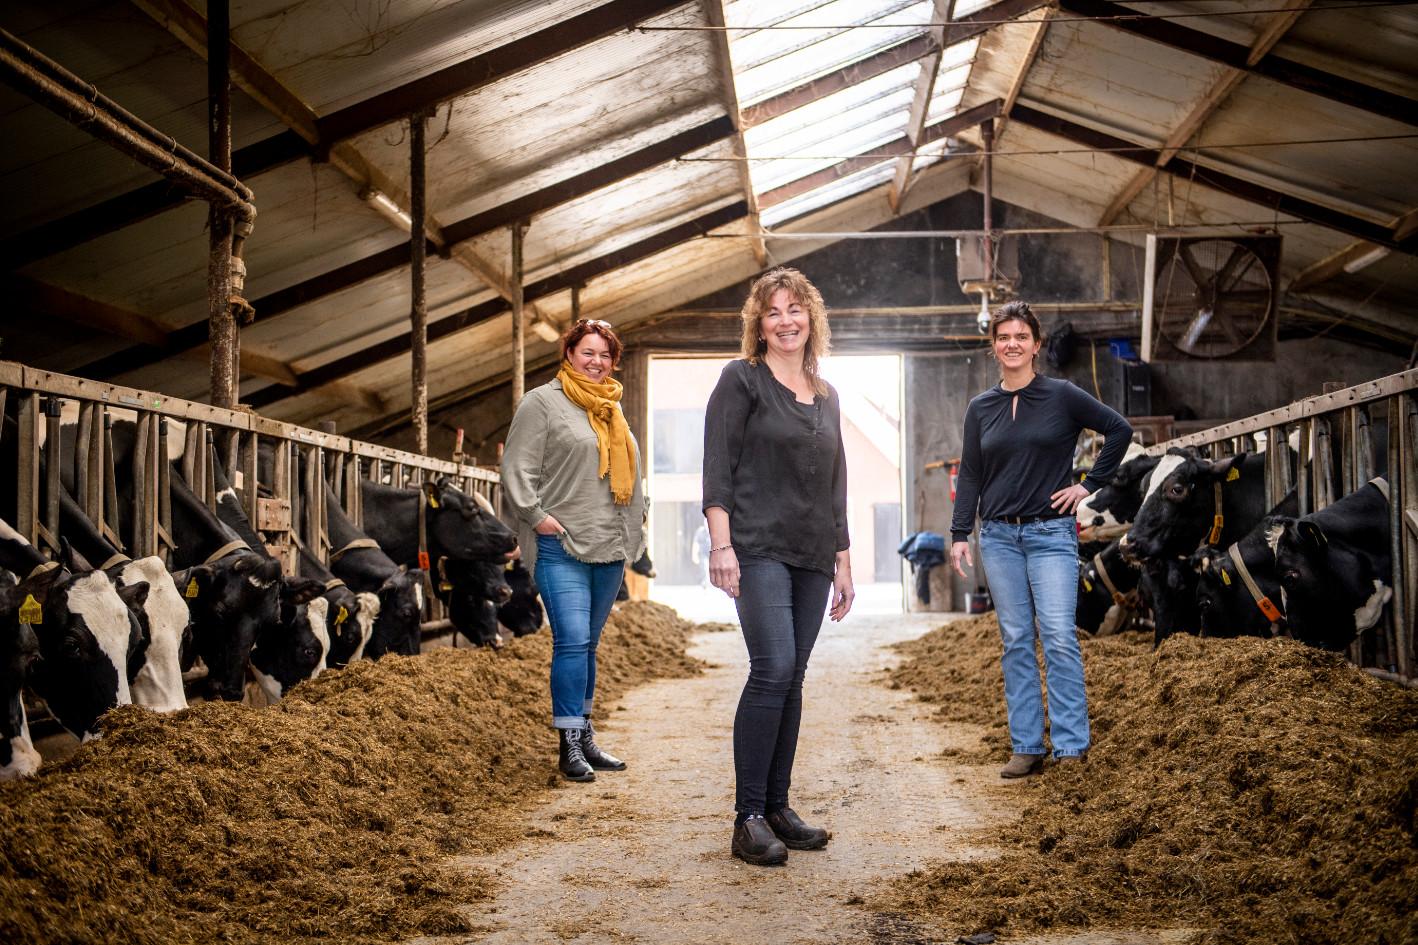 Esther Loohuis, Laura Schrijver en Stephanie van den Berg in de koeienstal